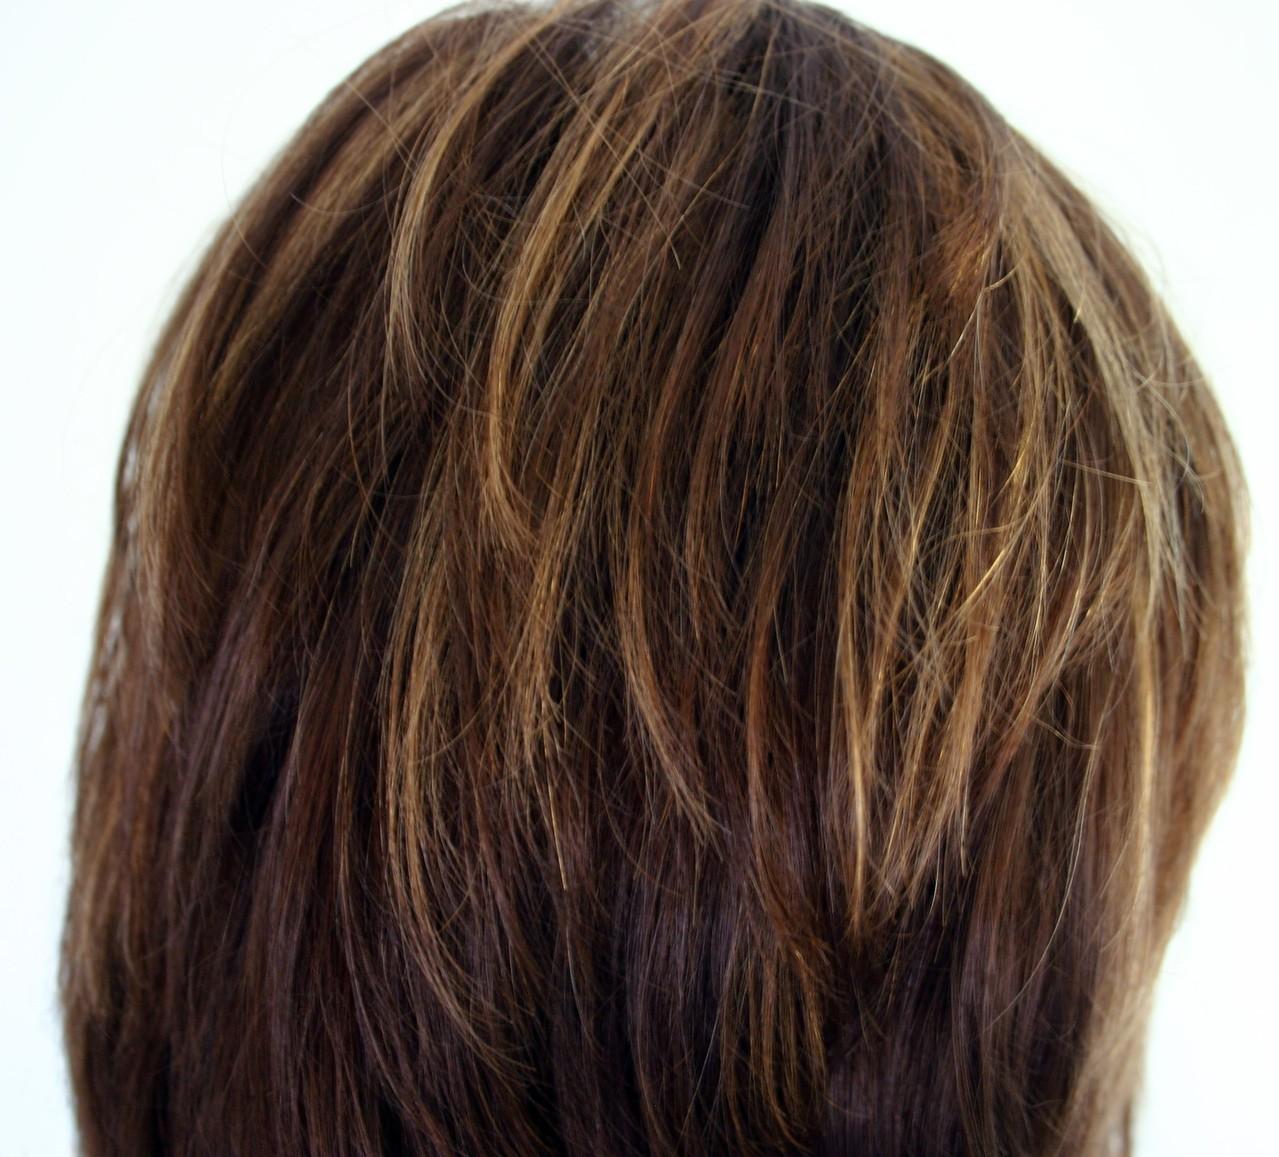 Farbowanie siwych włosów?